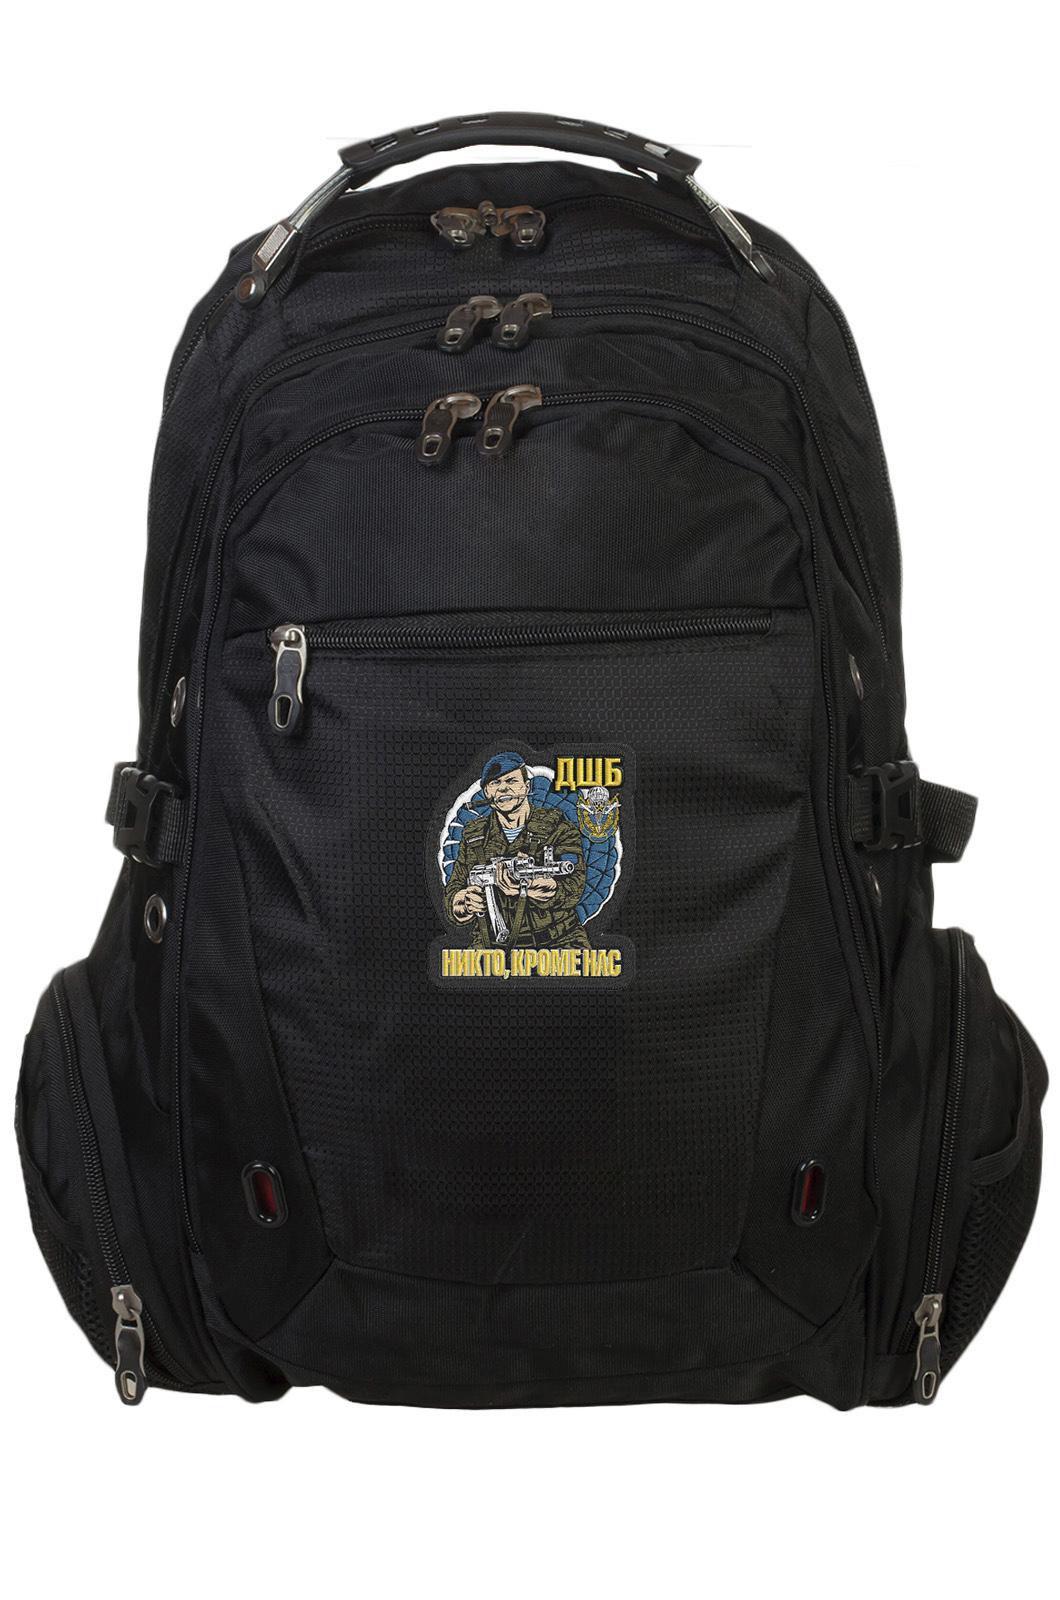 Крутой черный рюкзак с эмблемой ДШБ Никто, кроме нас!